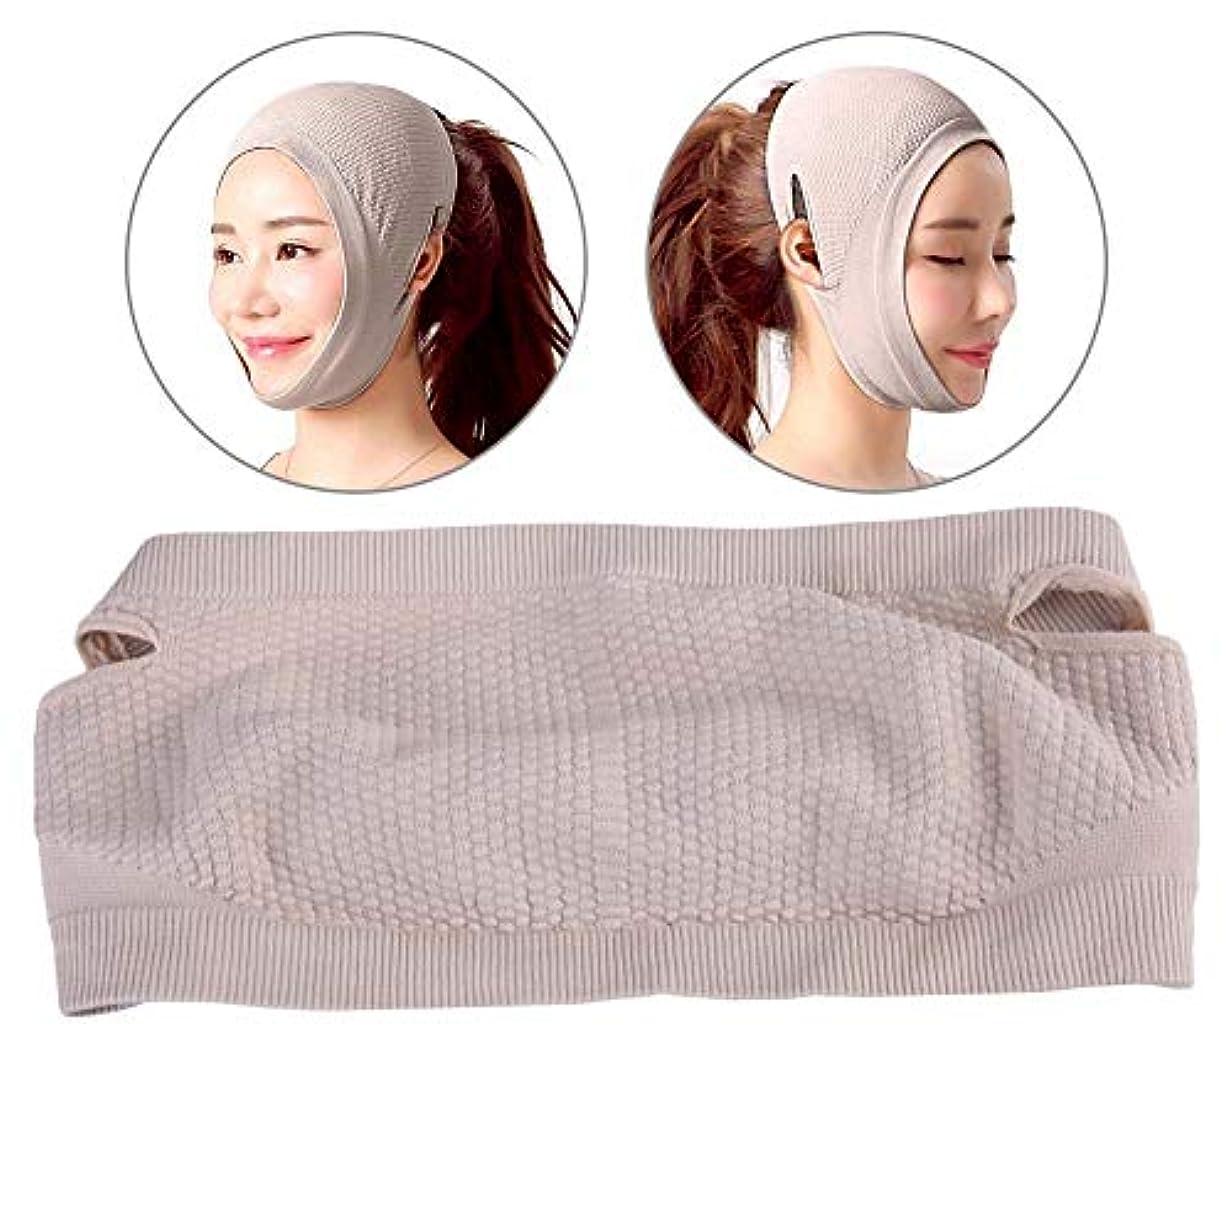 ベッドを作る金属うなずく顔の輪郭を改善するVフェイス美容包帯 フェイシャルリフティングマスク、露出耳のデザイン/通気性/伸縮性/副作用なし